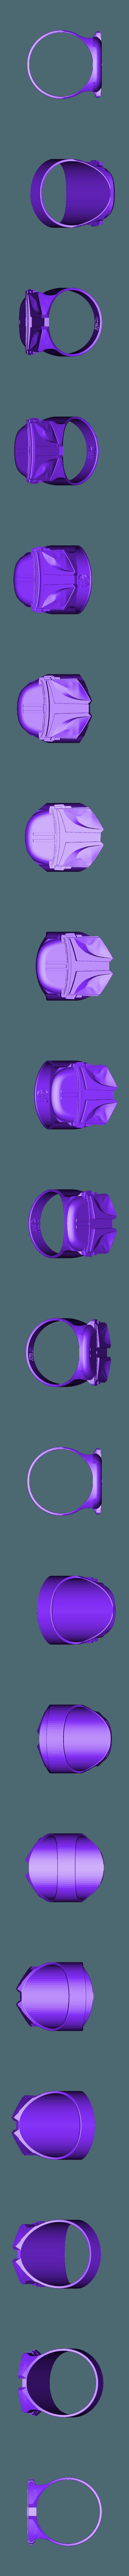 Mandalorian_Ring_16mm.stl Télécharger fichier OBJ gratuit Anneau mandalorien • Modèle imprimable en 3D, quaddalone